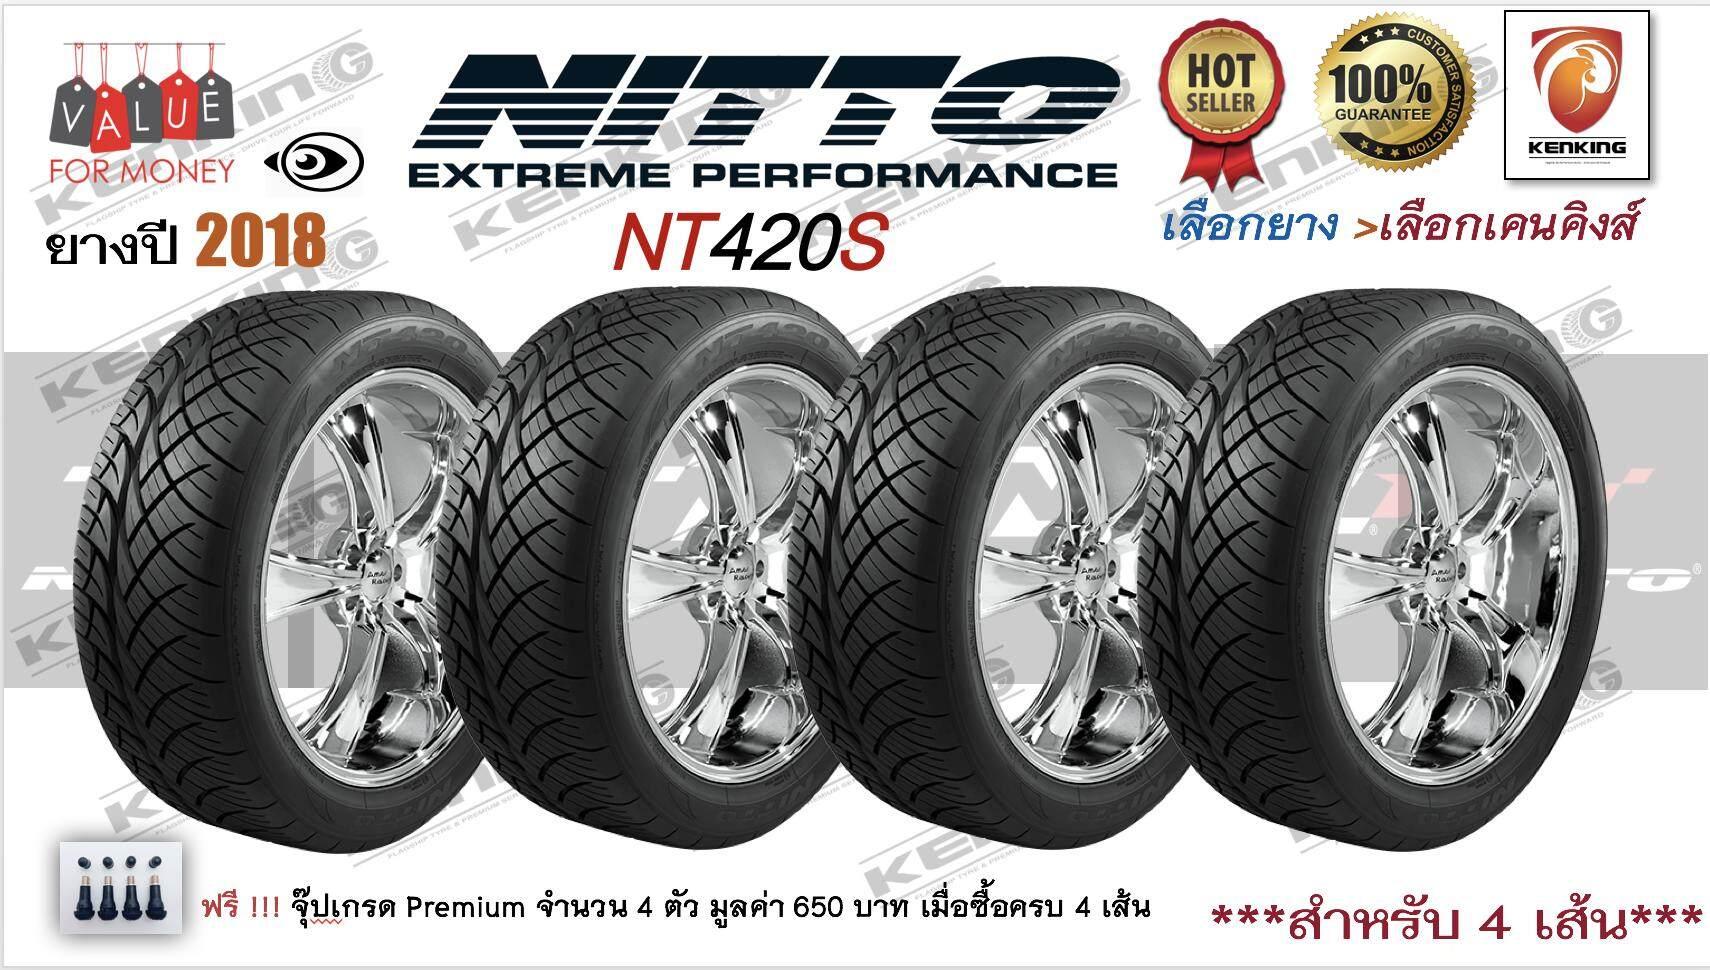 ประกันภัย รถยนต์ 3 พลัส ราคา ถูก สิงห์บุรี ยางรถยนต์ Nitto 265/65 R17 รุ่น 420S (จำนวน 4 เส้น) ฟรี !! จุ๊ปยางเกรด Premium มูลค่า 650 บาท HOT HIT SELLER !!!